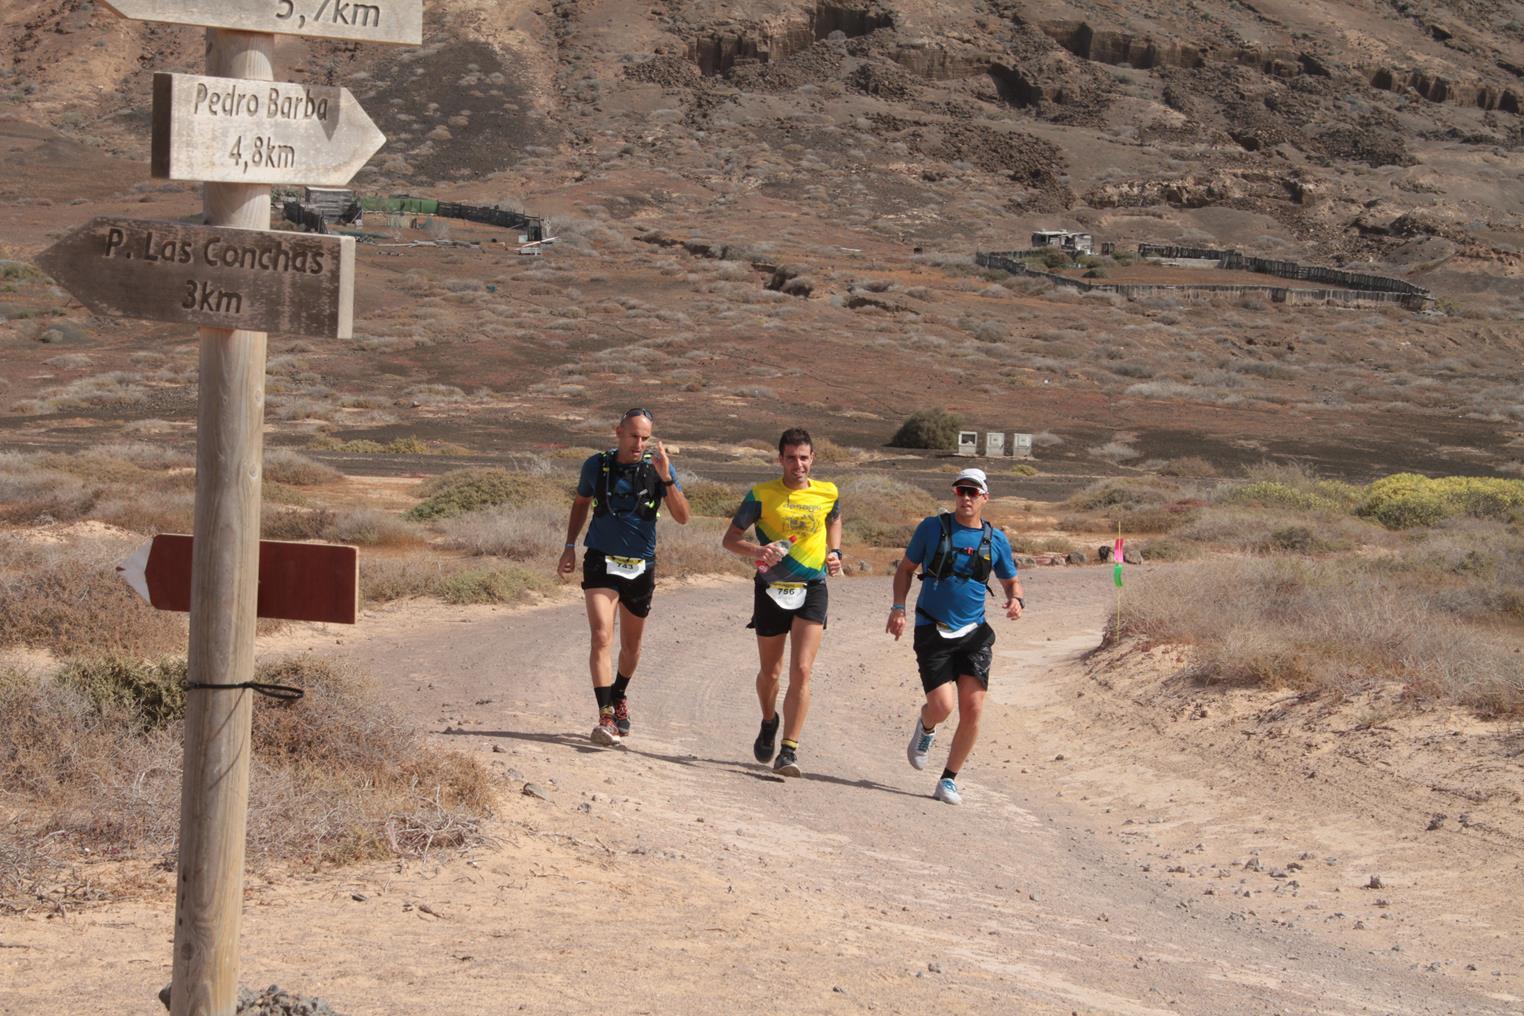 Desafio-Trail-177